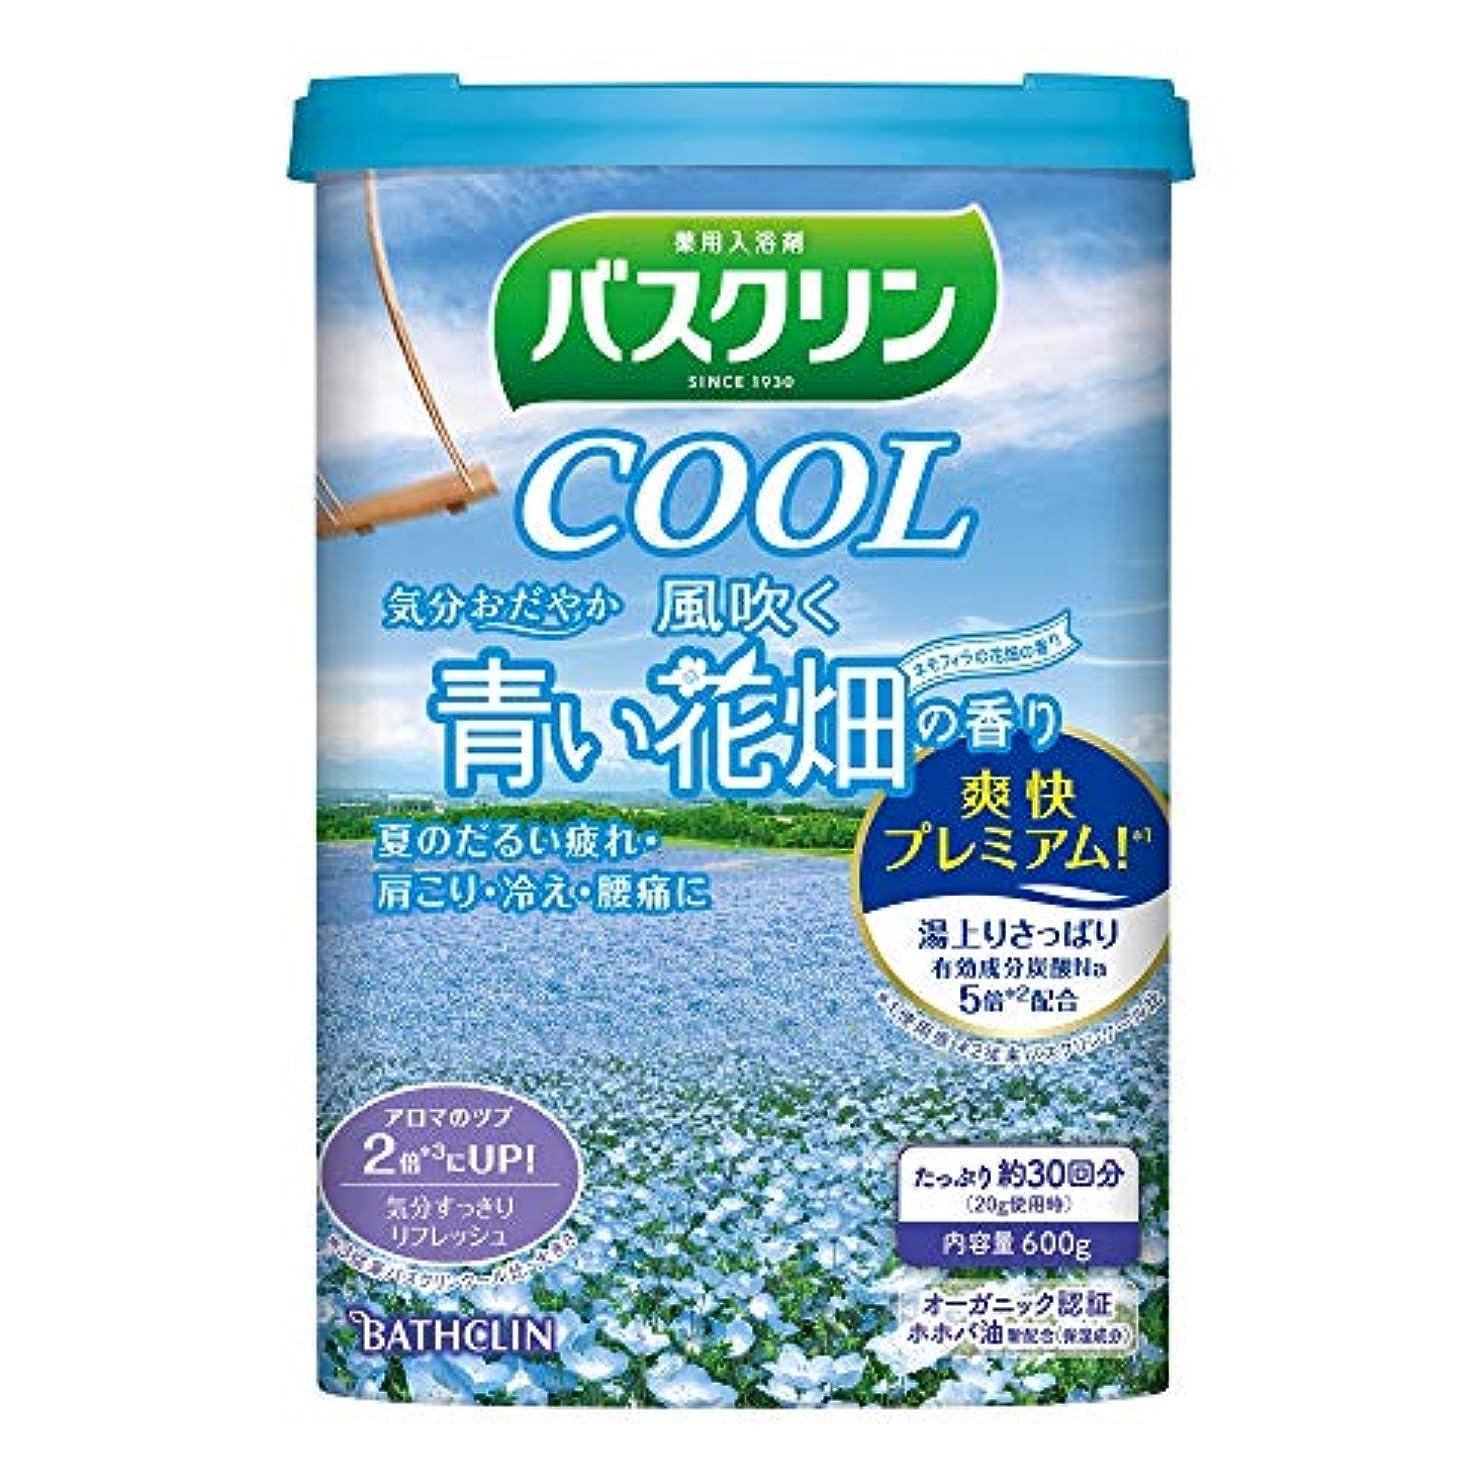 忠実な実行する感じる【医薬部外品】バスクリンクール入浴剤 風吹く青い花畑の香り600g クール入浴剤 すっきりさわやか